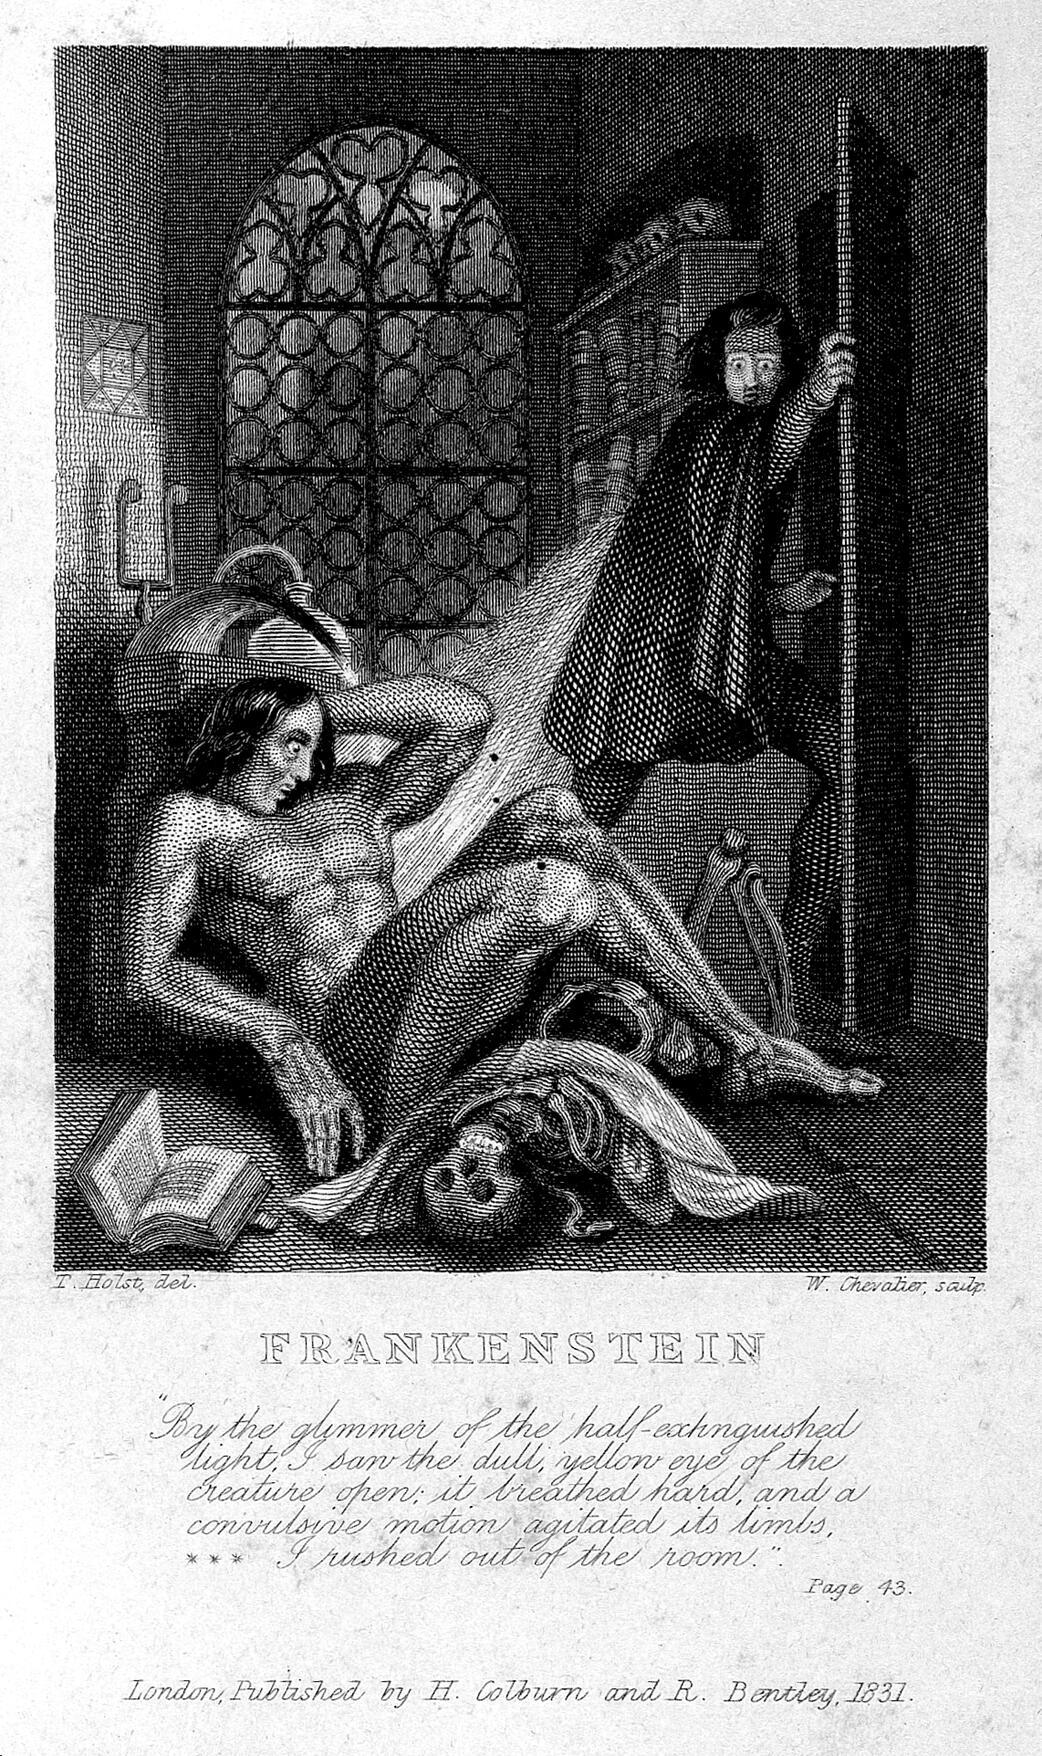 """Frankenstein observando os primeiros movimentos de sua criatura. Gravura de W. Chevalier sobre Th. von Holst, 1831. Destaque como frontispício da edição de 1831 do romance de Shelley. <a href=""""http://wellcomeimages.org/indexplus/image/L0027125.html"""" target=""""_blank"""" rel=""""noopener noreferrer"""">Fonte: Wellcome Library</a>."""